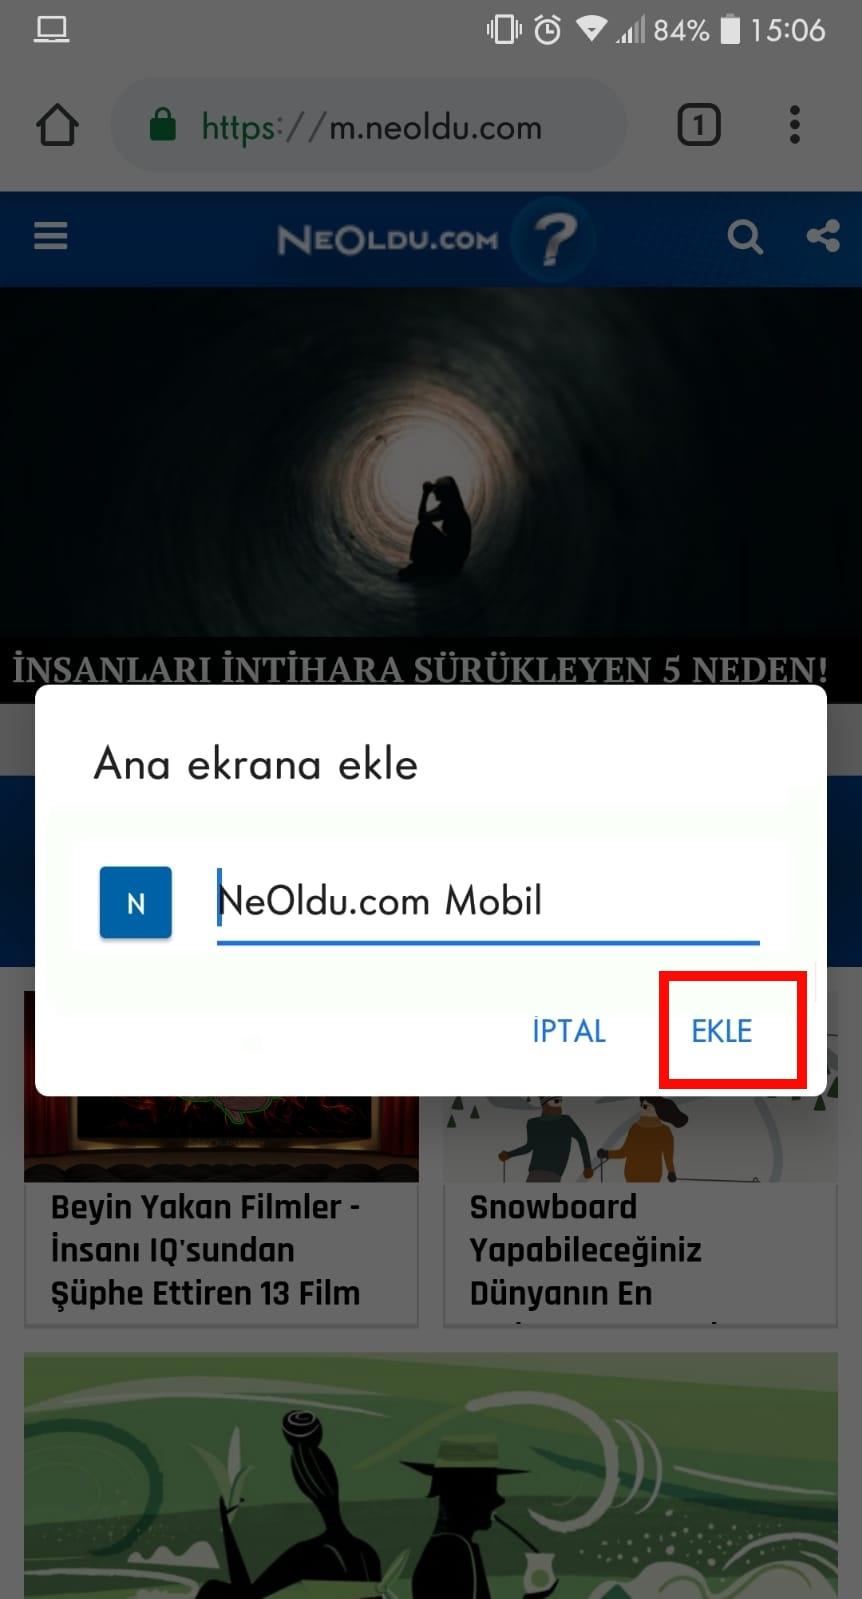 ekle-ye-basin.jpg